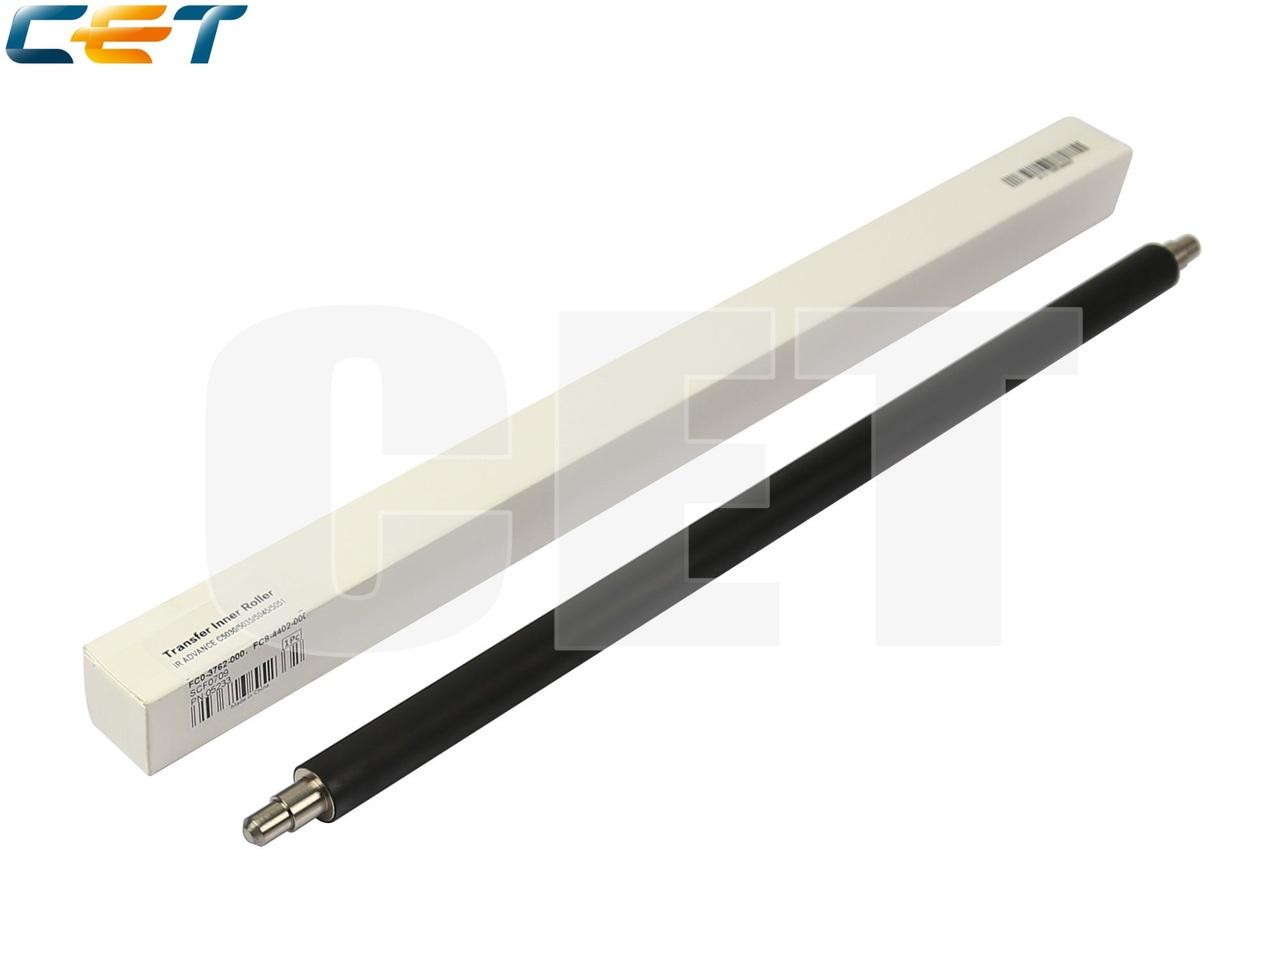 Внутренний ролик вторичного переноса FC0-3762-000,FC8-4402-000 для CANON iR ADVANCEC5030/C5035/C5045/C5051/C5235/C5240/C5250/C5255 (CET),CET5233